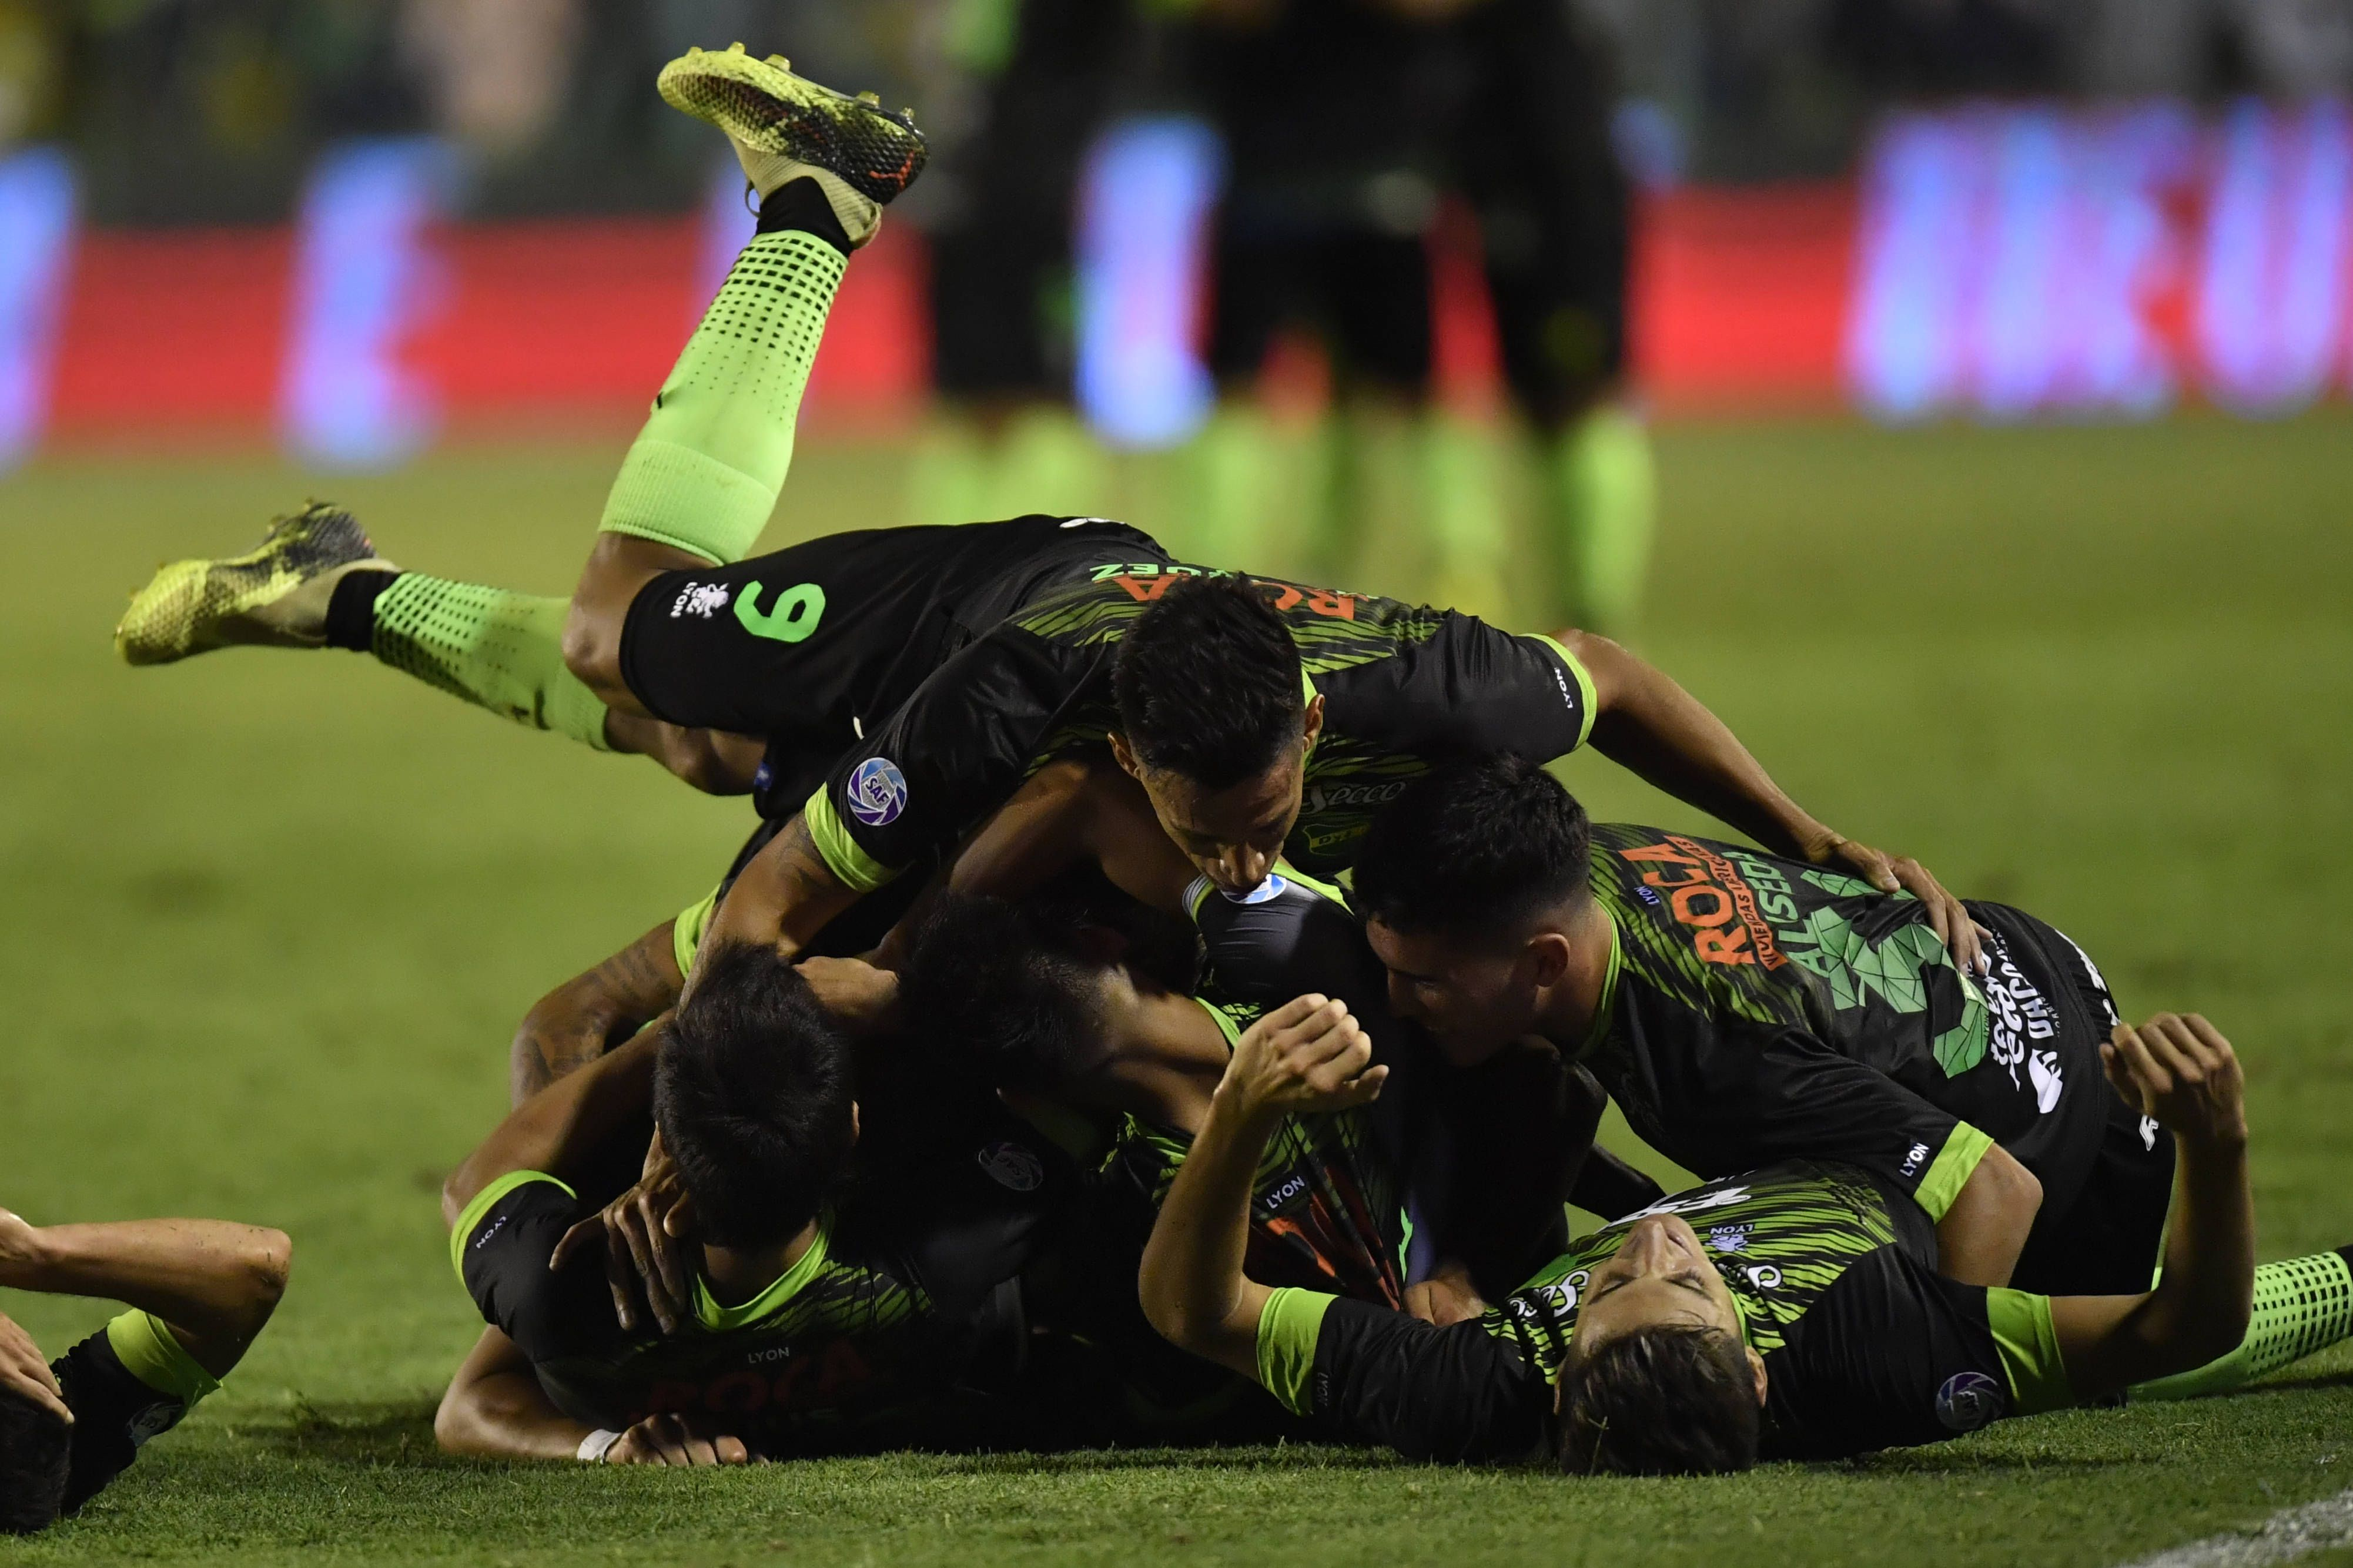 Posiciones, fixture y goleadores de la Superliga 2018/2019